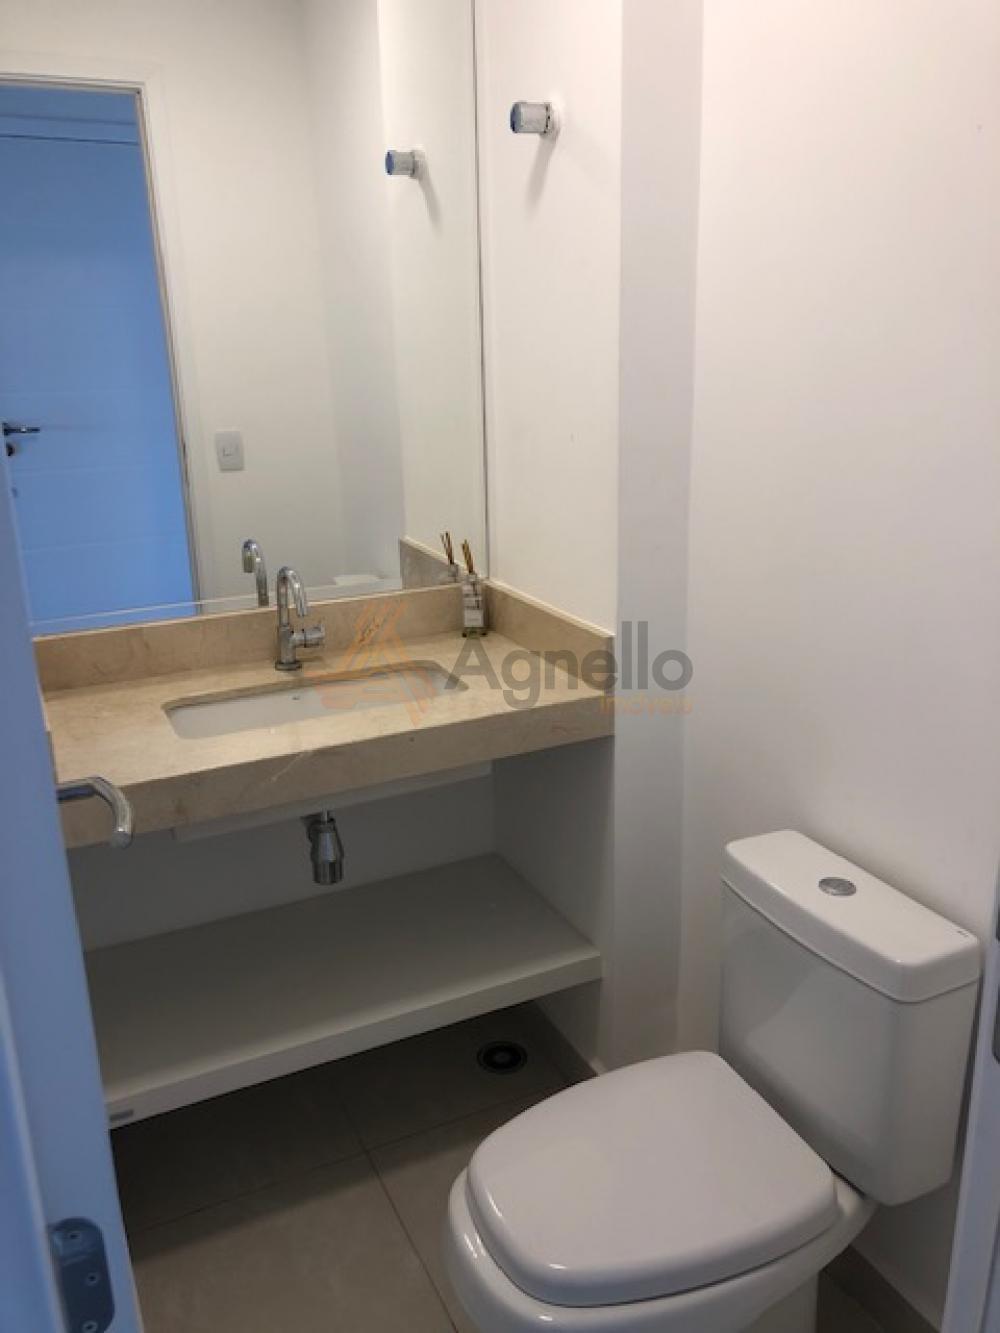 Comprar Apartamento / Padrão em Franca apenas R$ 1.250.000,00 - Foto 5